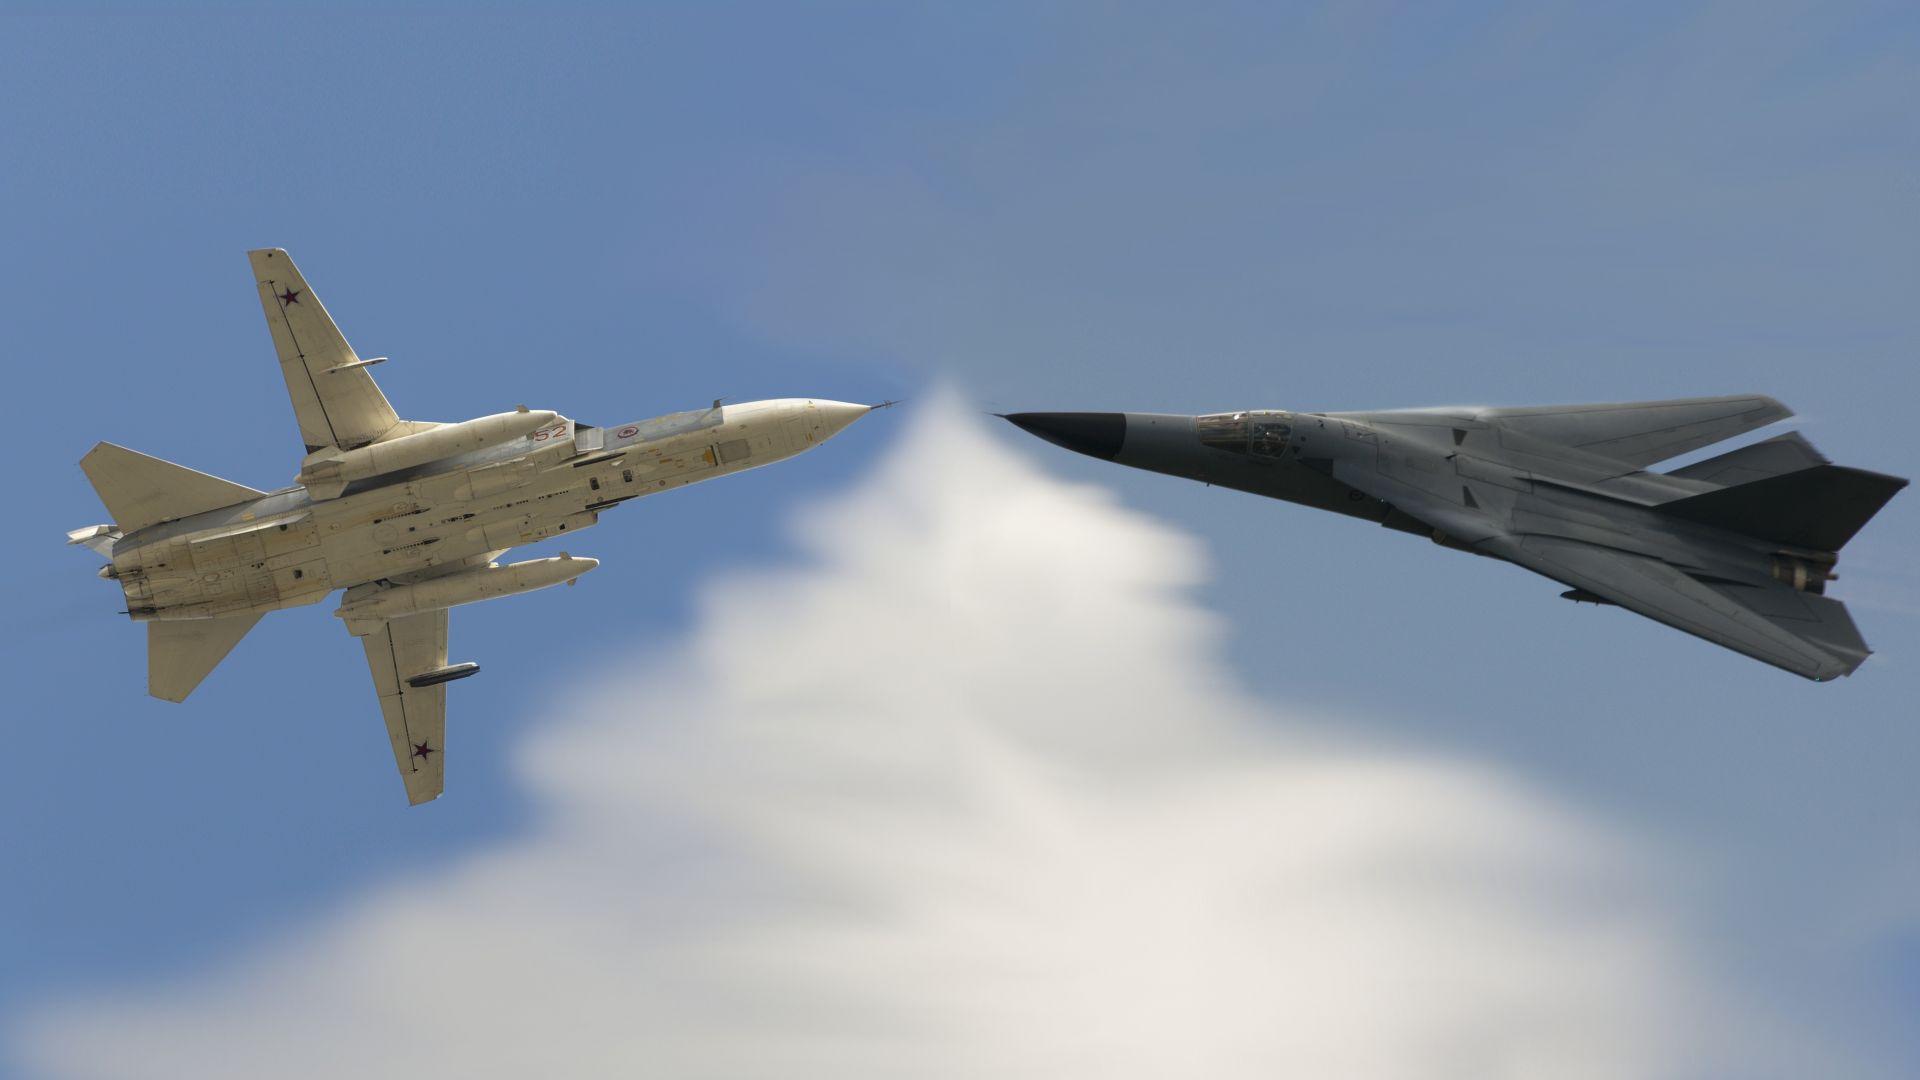 F-111 срещи Су-24 или защо Русия все още ползва самолет на 50 години